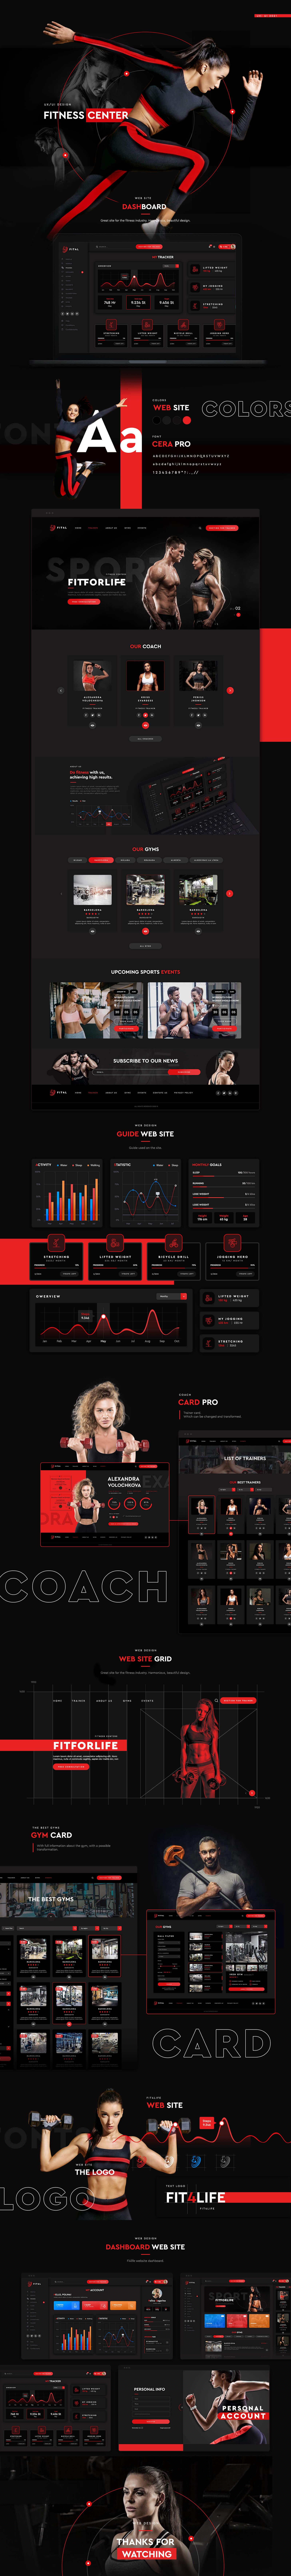 高端大气运动健身官方网站门户网站仪表盘设计WEB UI UIK套件 (psd) designshidai_ui370